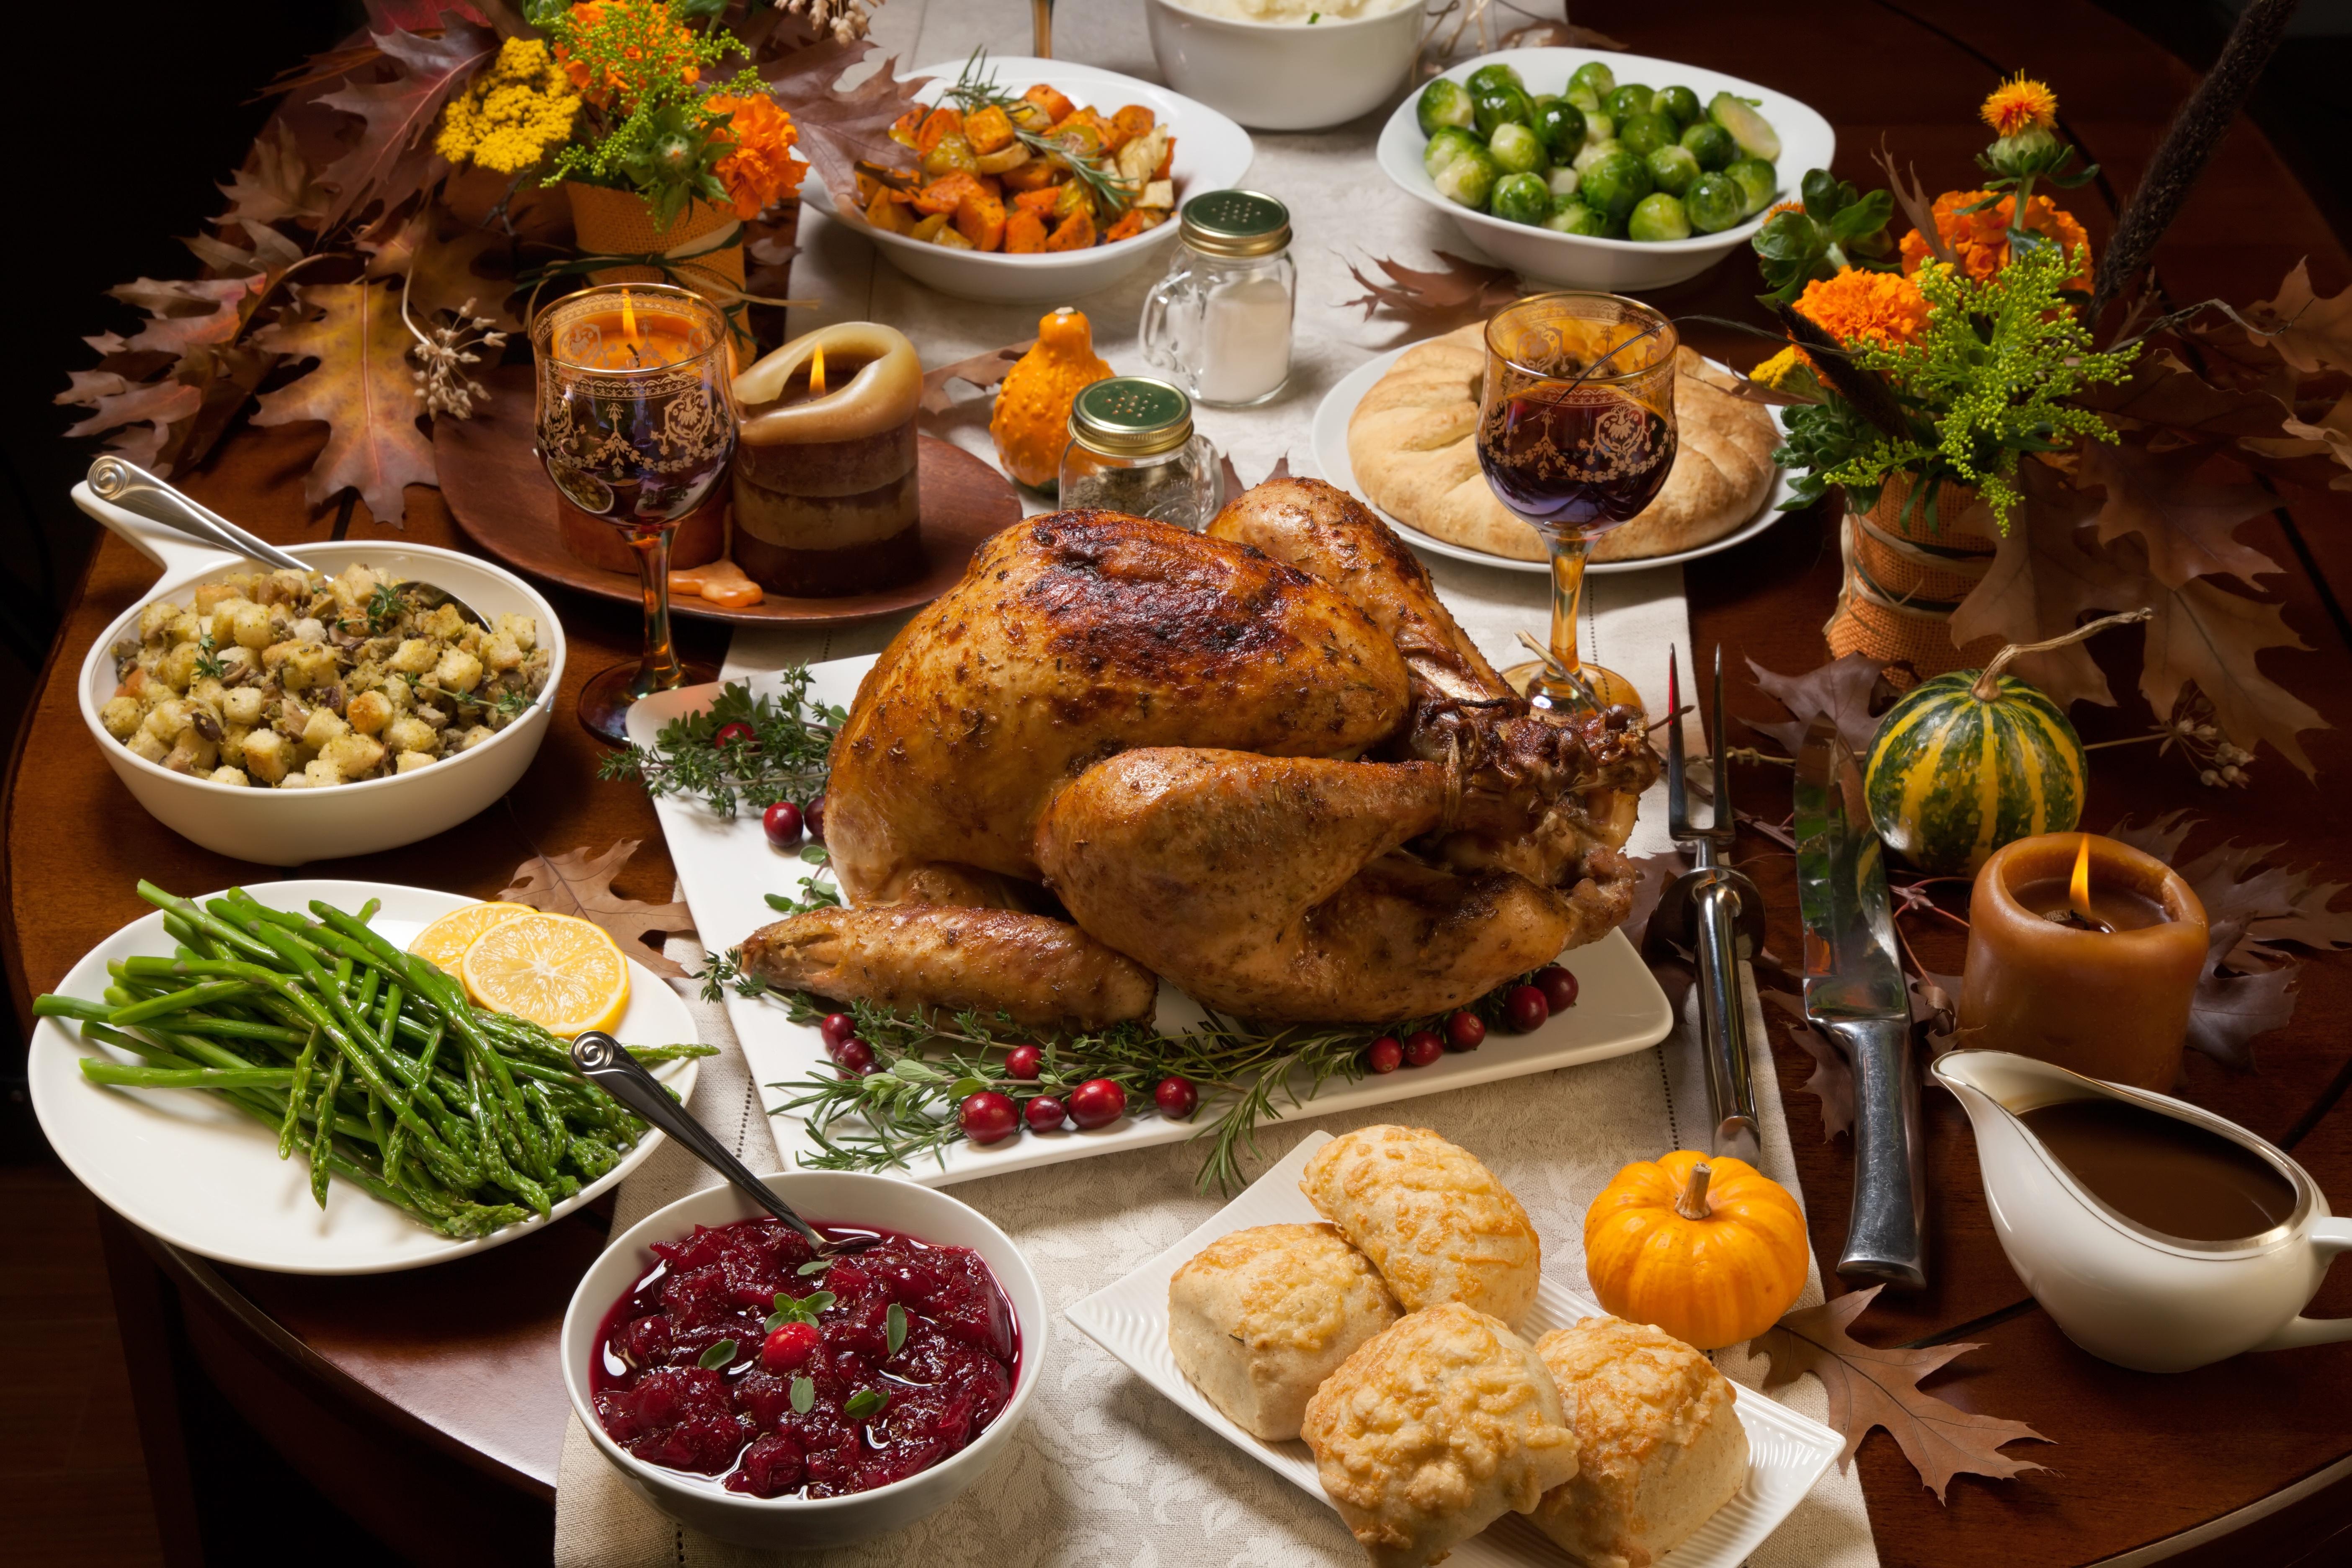 thanksgiving image.jpg